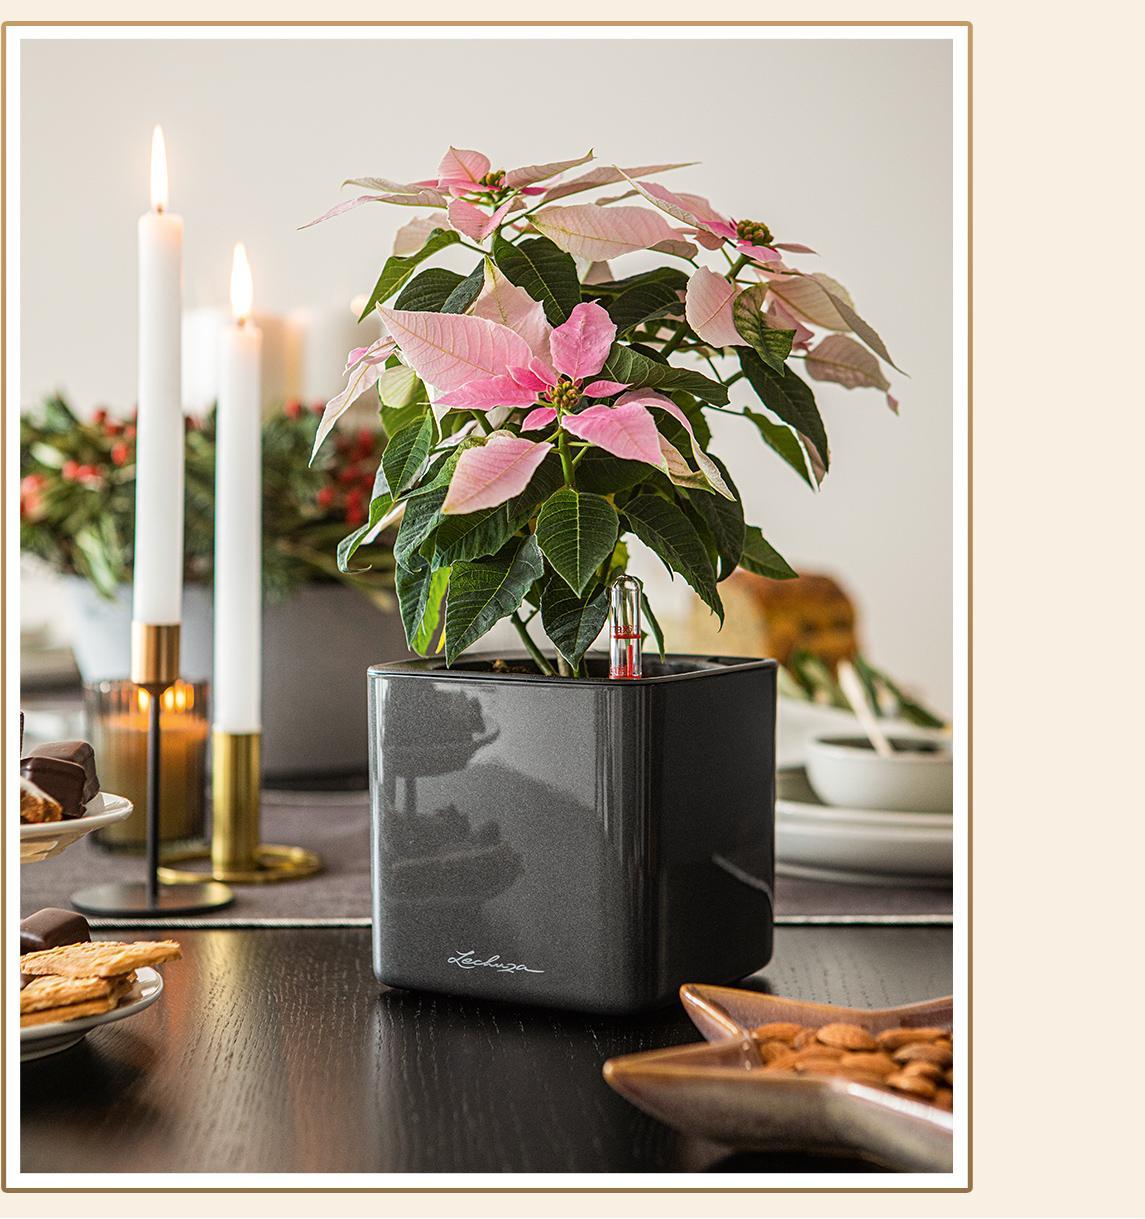 CUBE Glossy 14 anthrazit highgloss bepflanzt mit einem rosafarbenen Weihnachtsstern